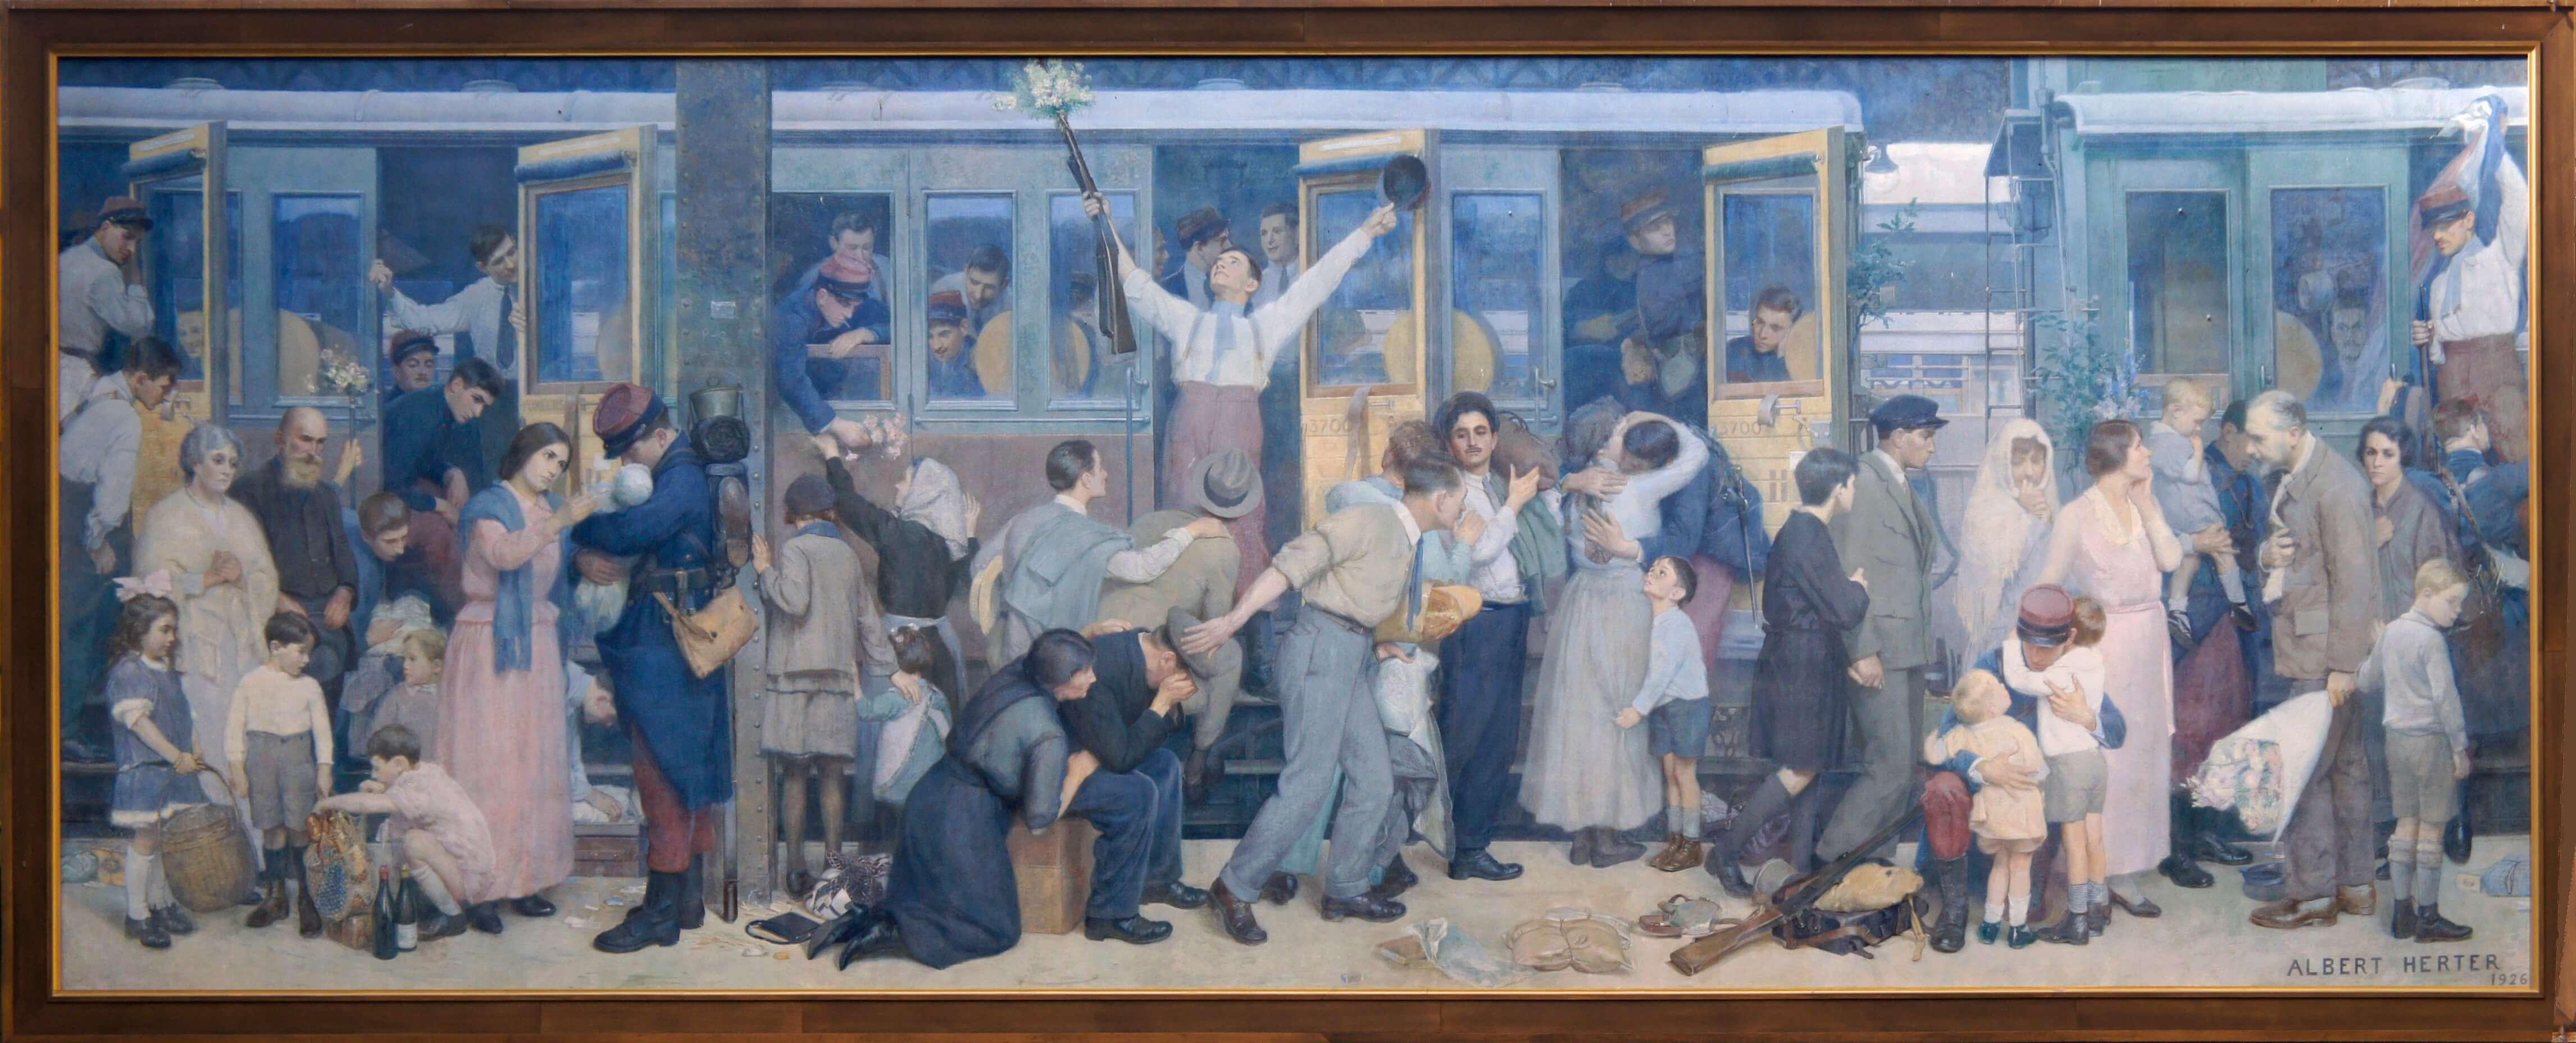 Le départ des poilus août 1914. Albert Herter. Paris, Gare de l'Est